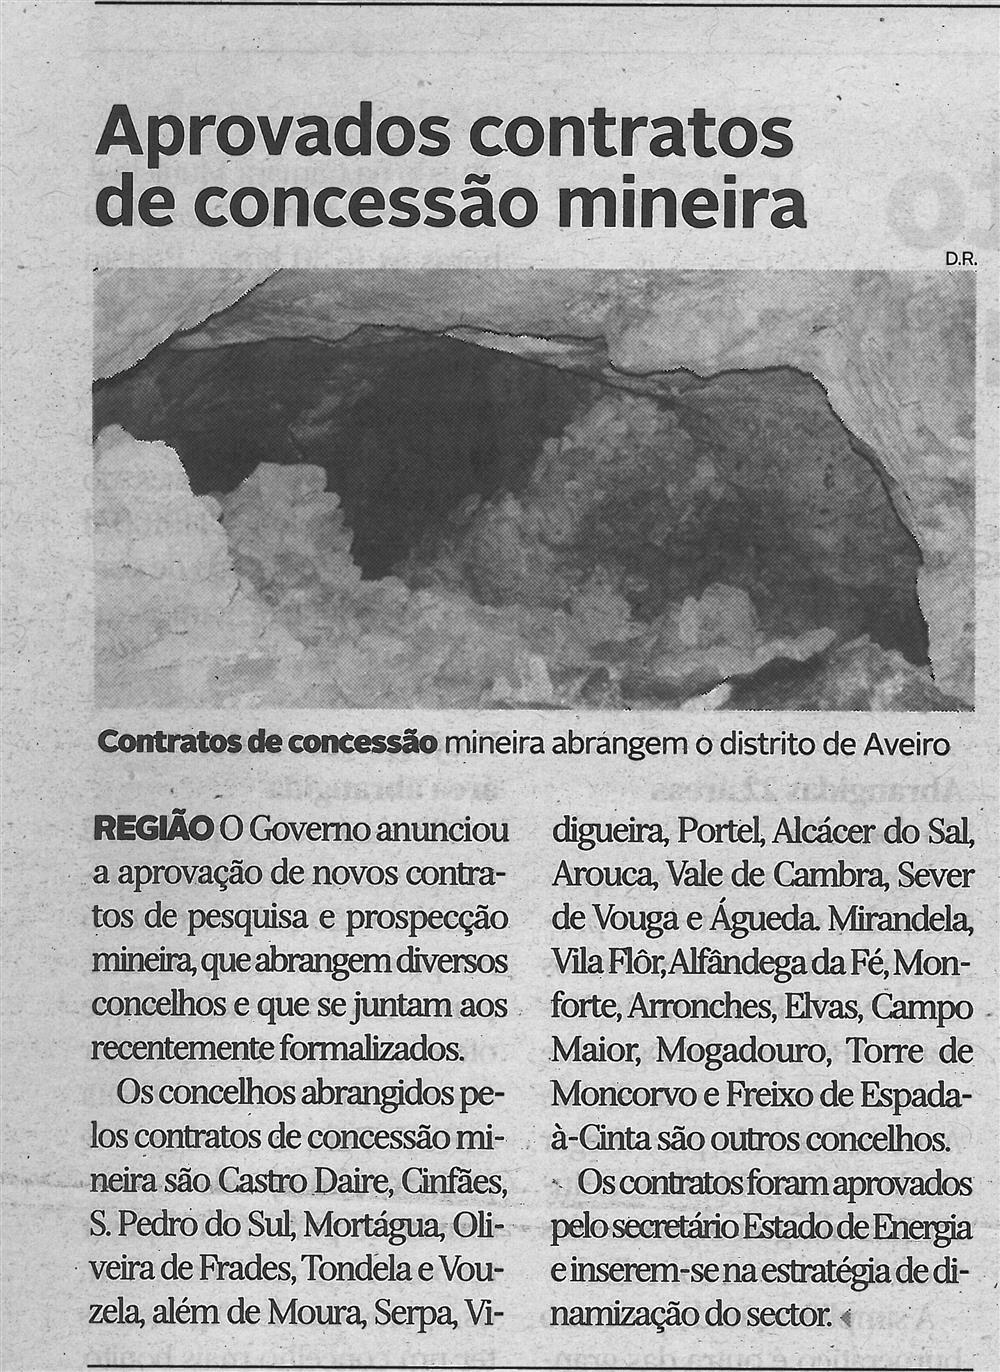 DA-27jul.'16-p.20-Aprovados contratos de concessão mineira : contratos de concessão mineira abrangem o Distrito de Aveiro.jpg